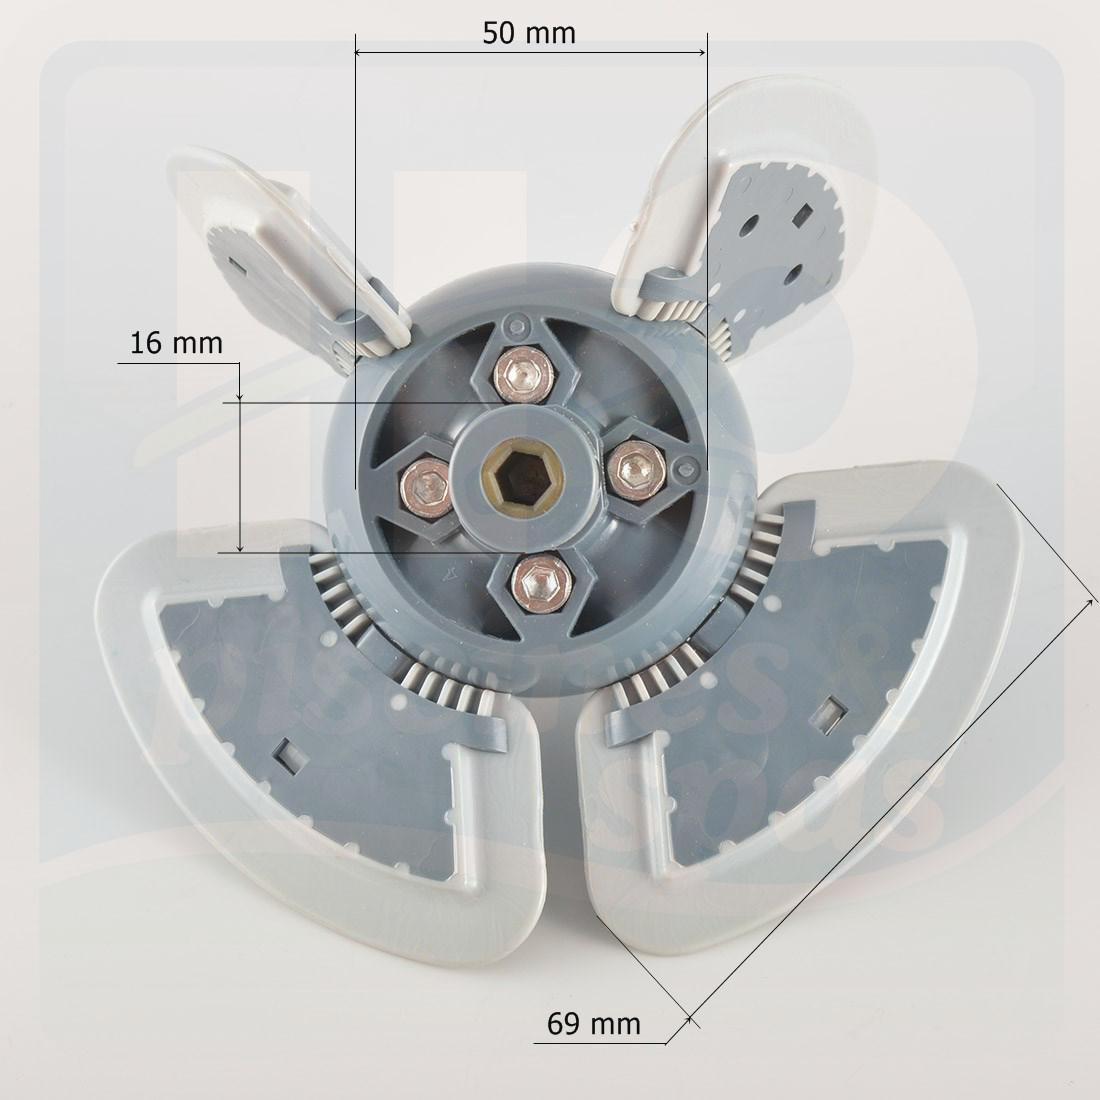 Assemblage moteur de robot de piscine zodiac mx8 h2o for Piscine zodiac occasion